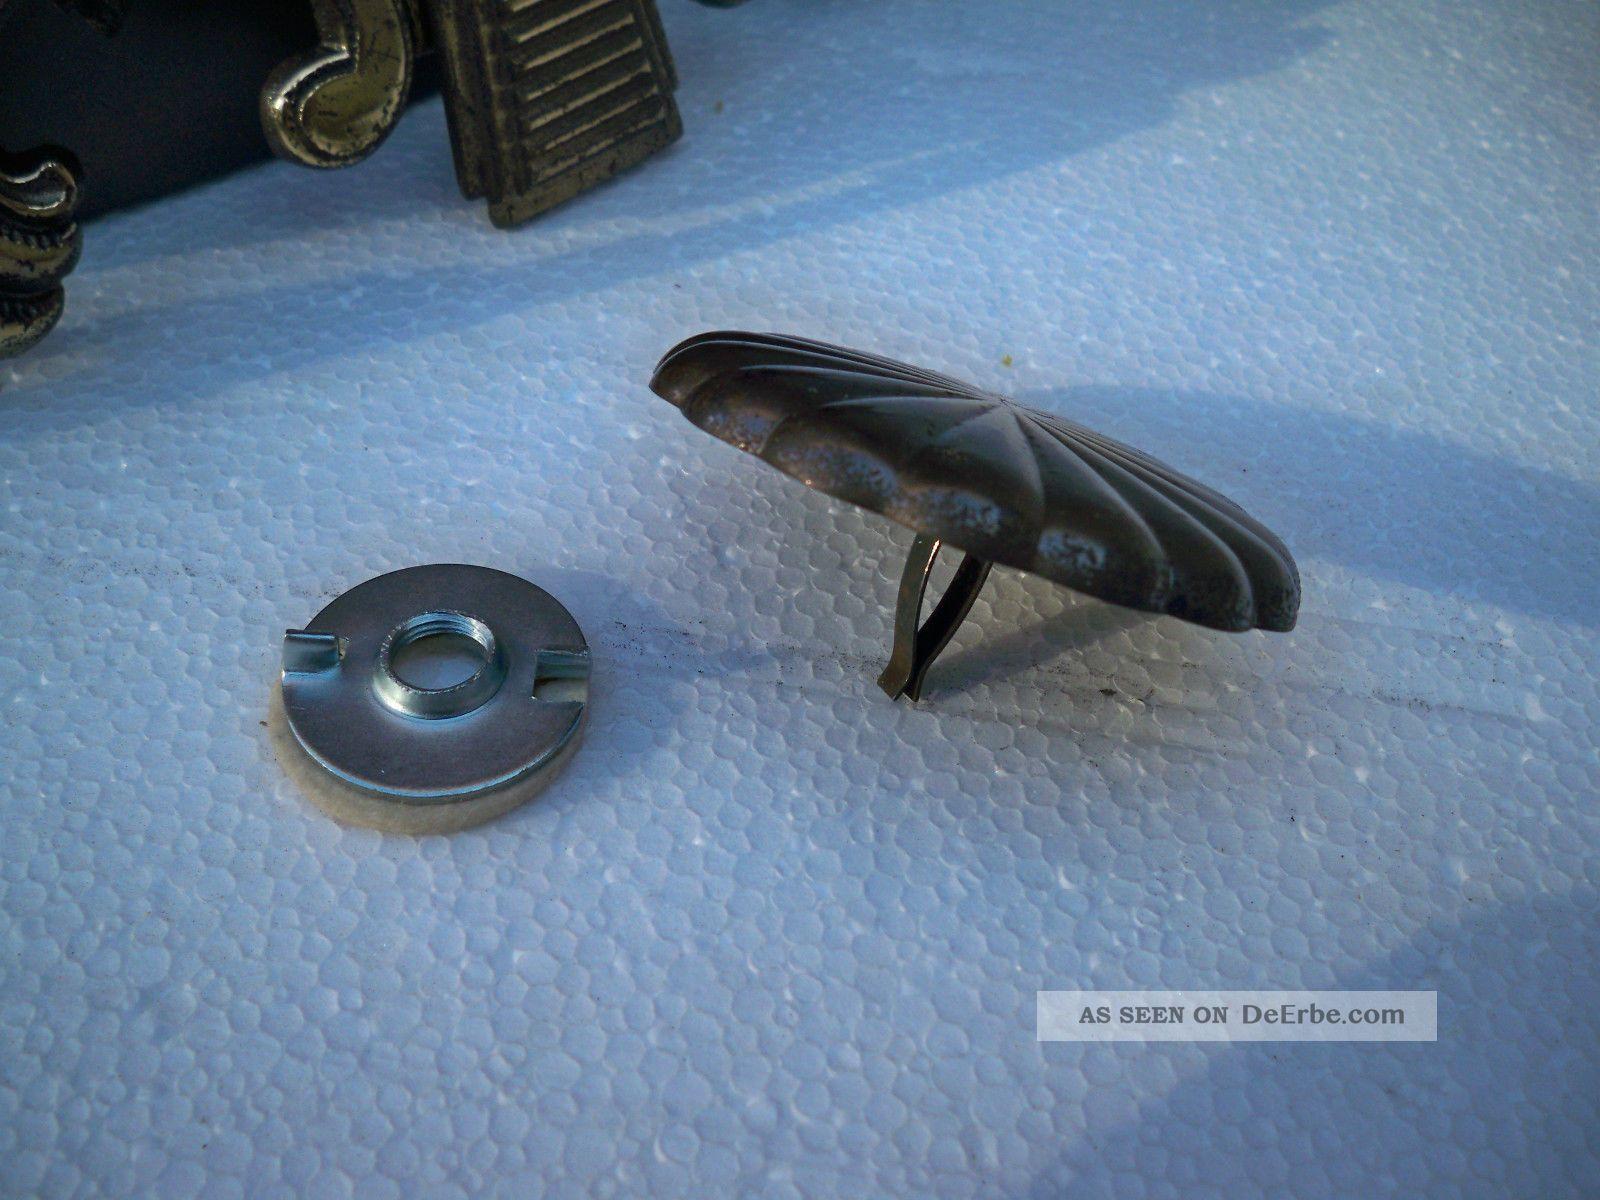 Plafonniere Messing Glas : Xxl alte fl plafoniere deckenlampe deckenleuchte messing bronze